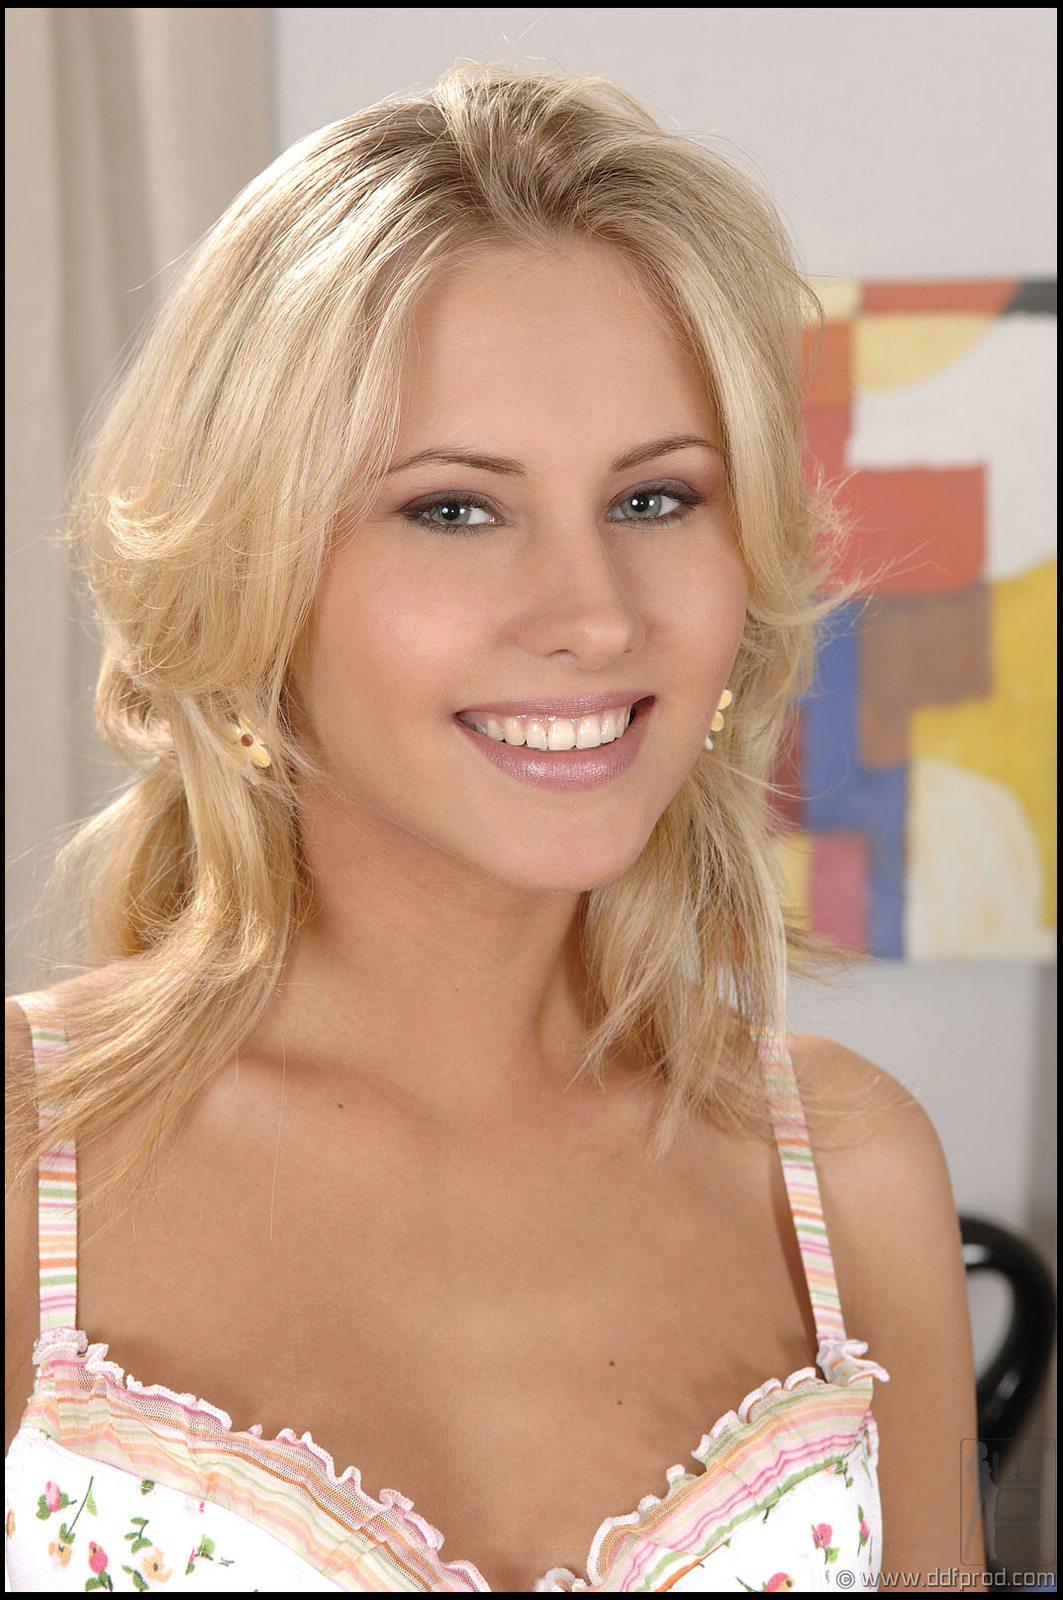 Zuzana Zeleznova